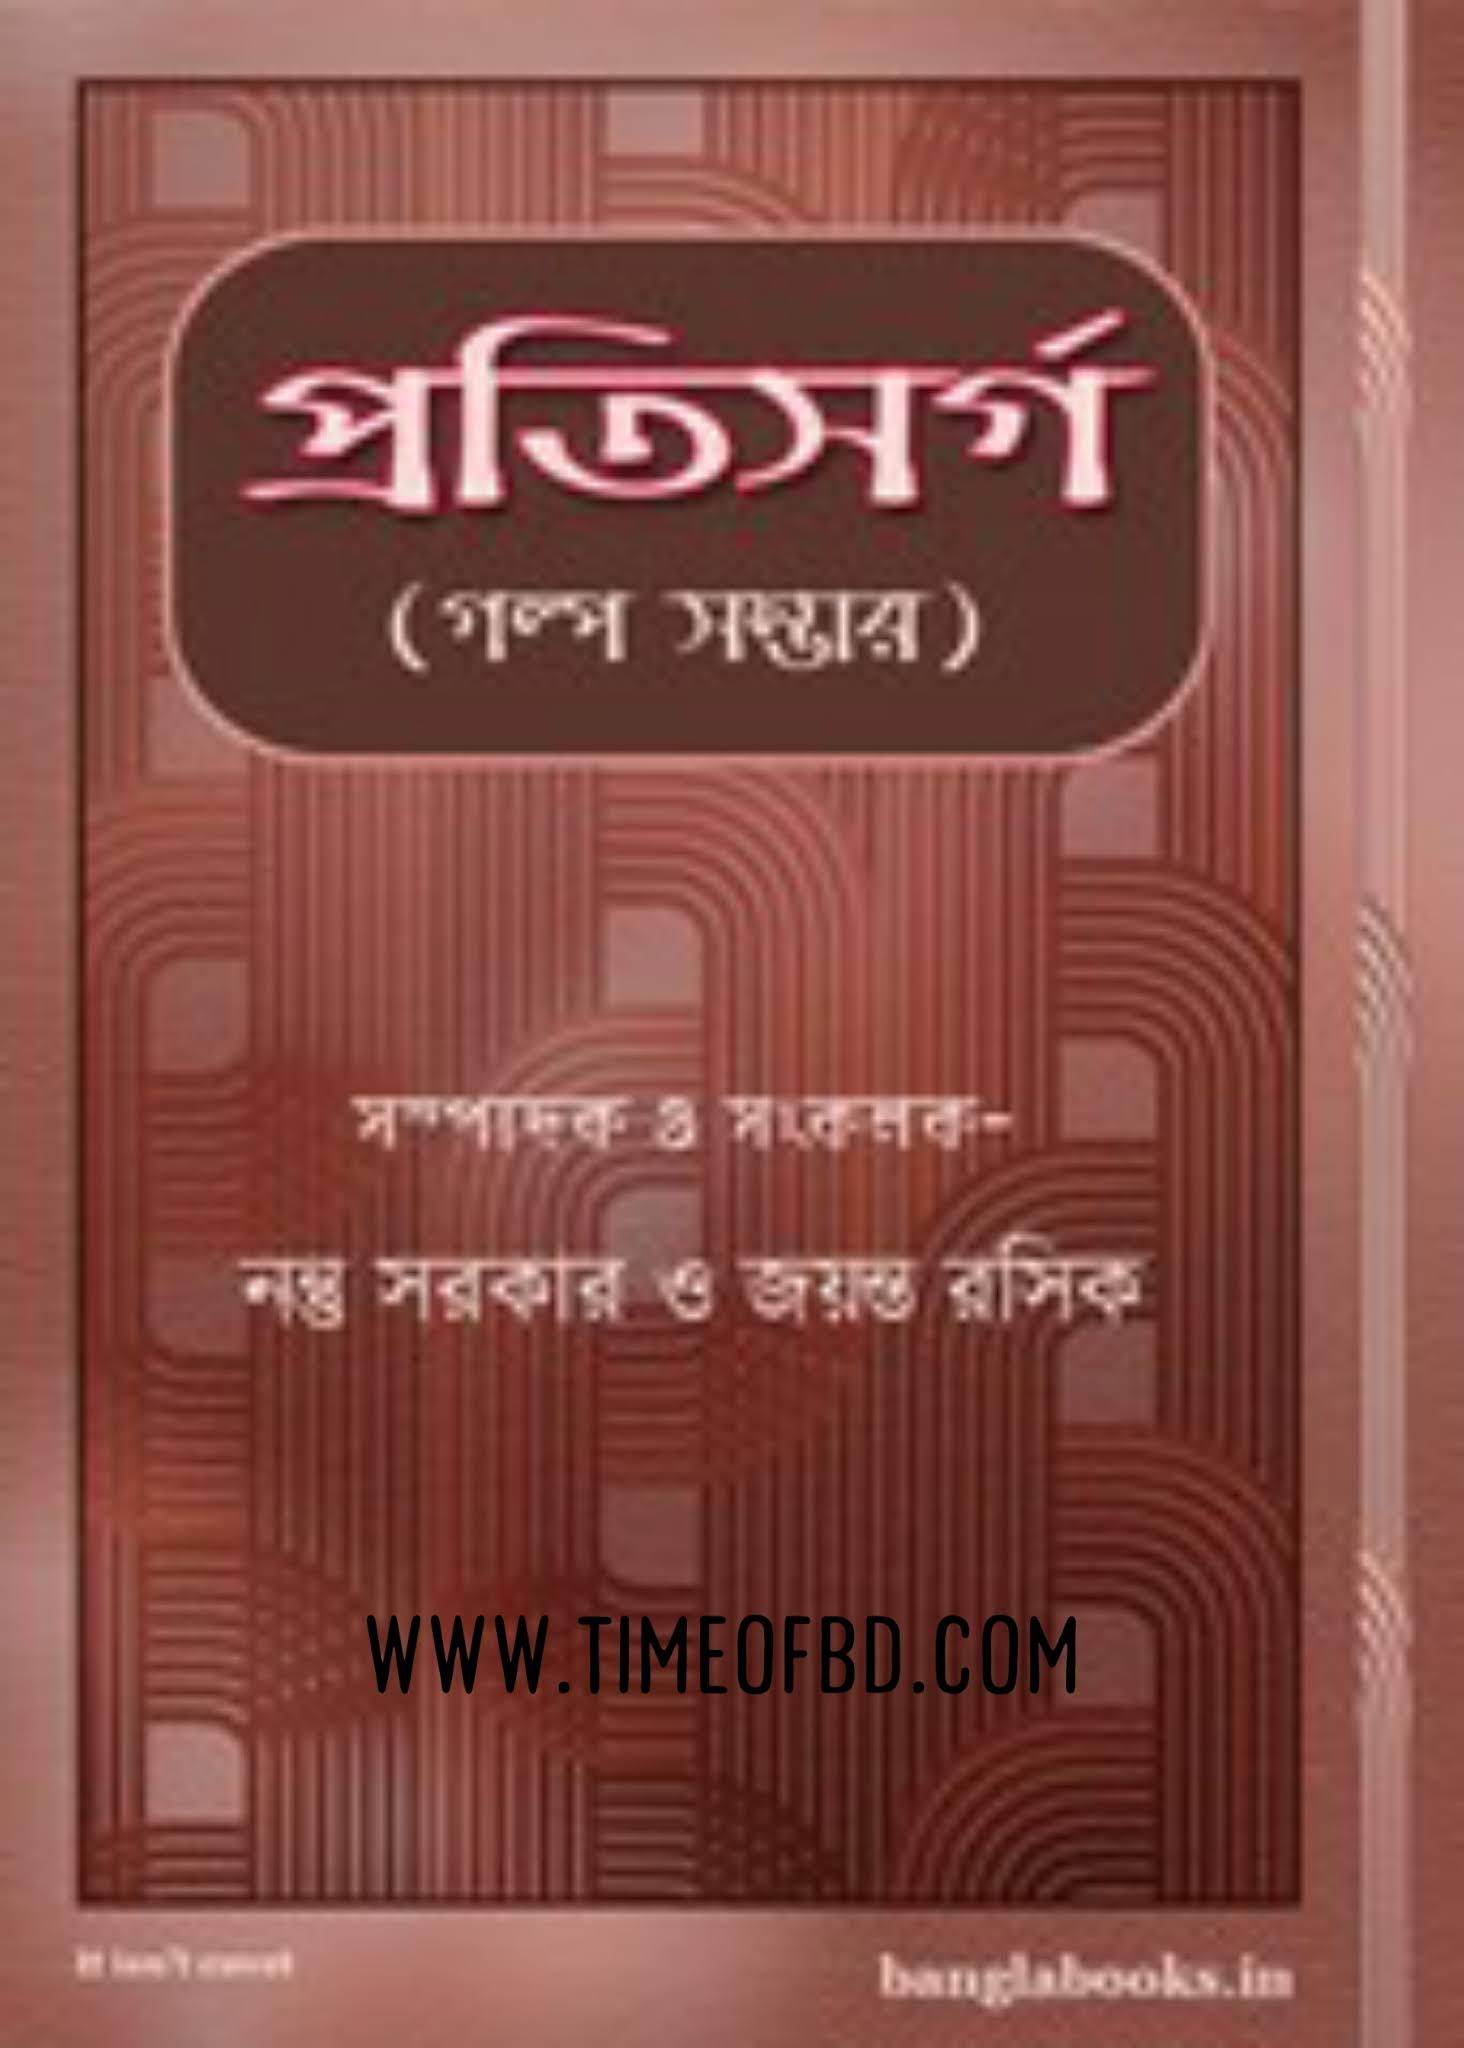 bangla story book,bangla story book online link, bagla story book online order link, bangla story book pdf